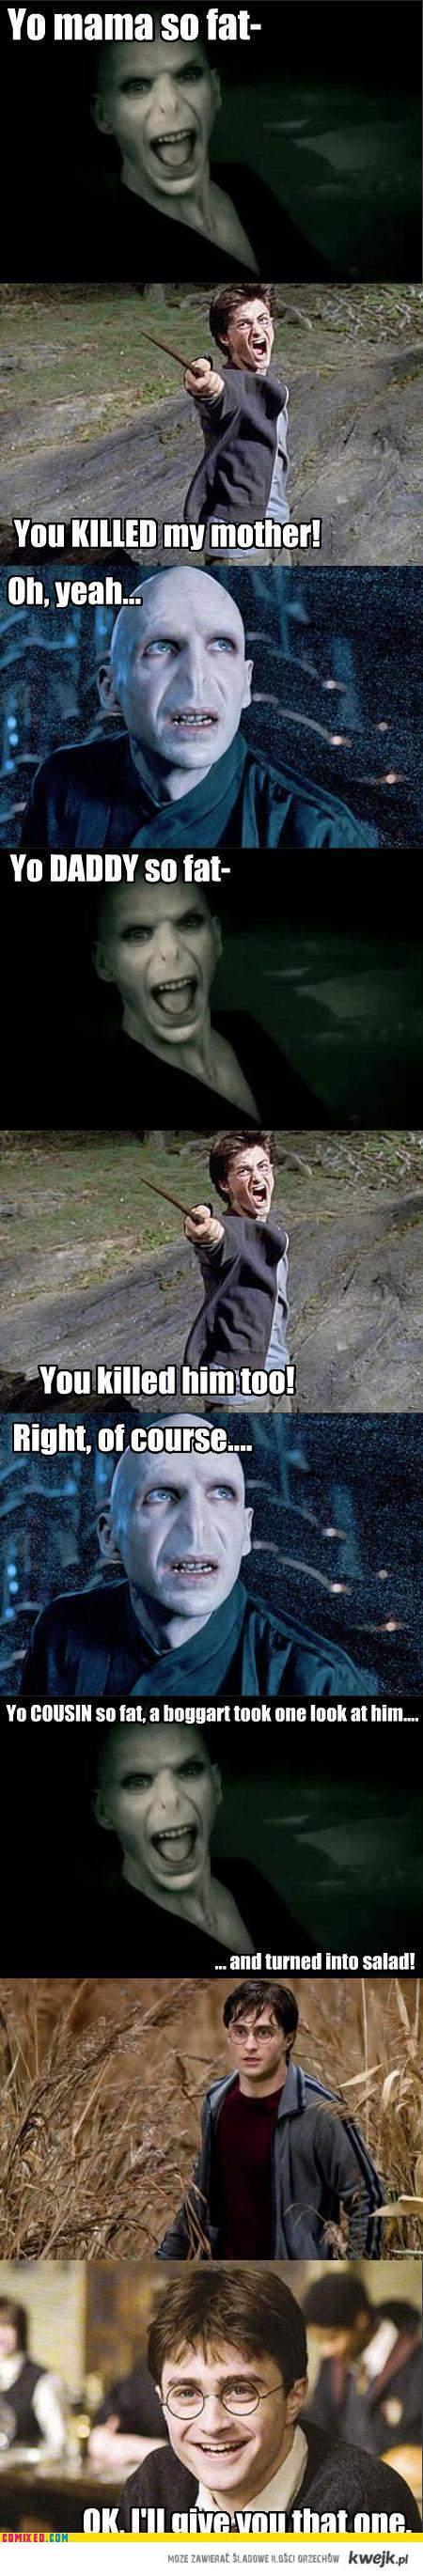 Voldemort tells a pretty good joke